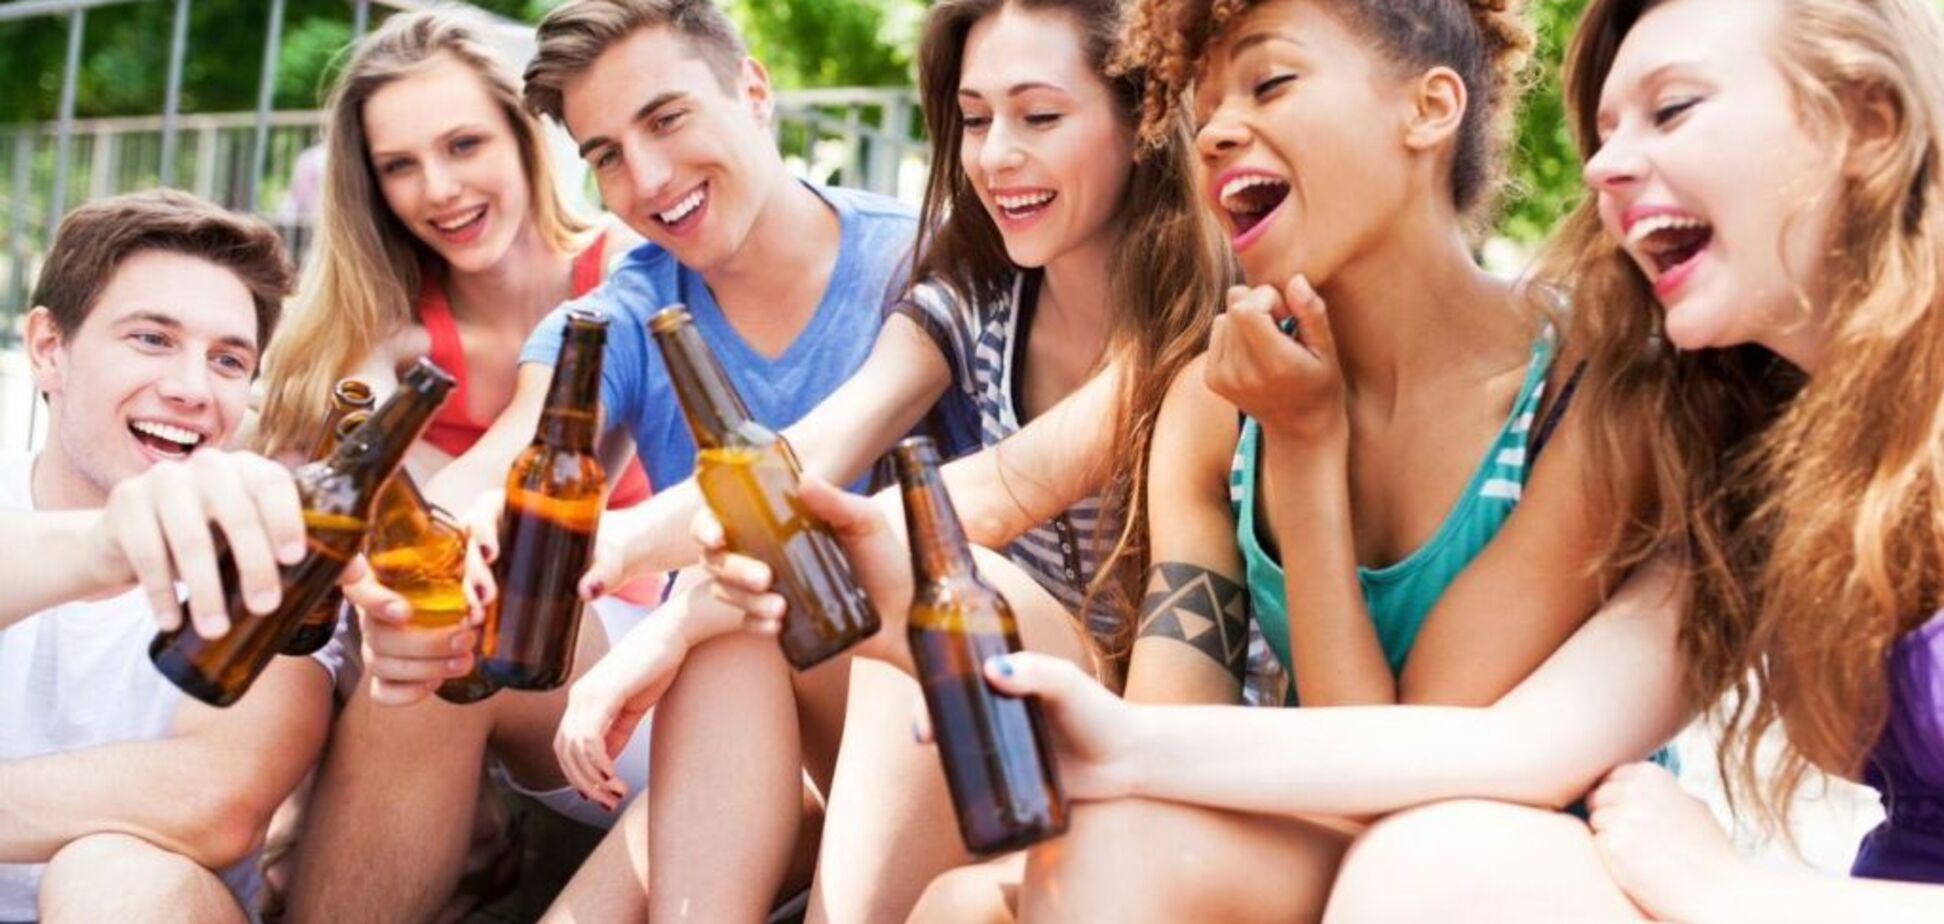 Высшее образование снижает риск развития алкоголизма: ученые провели исследования